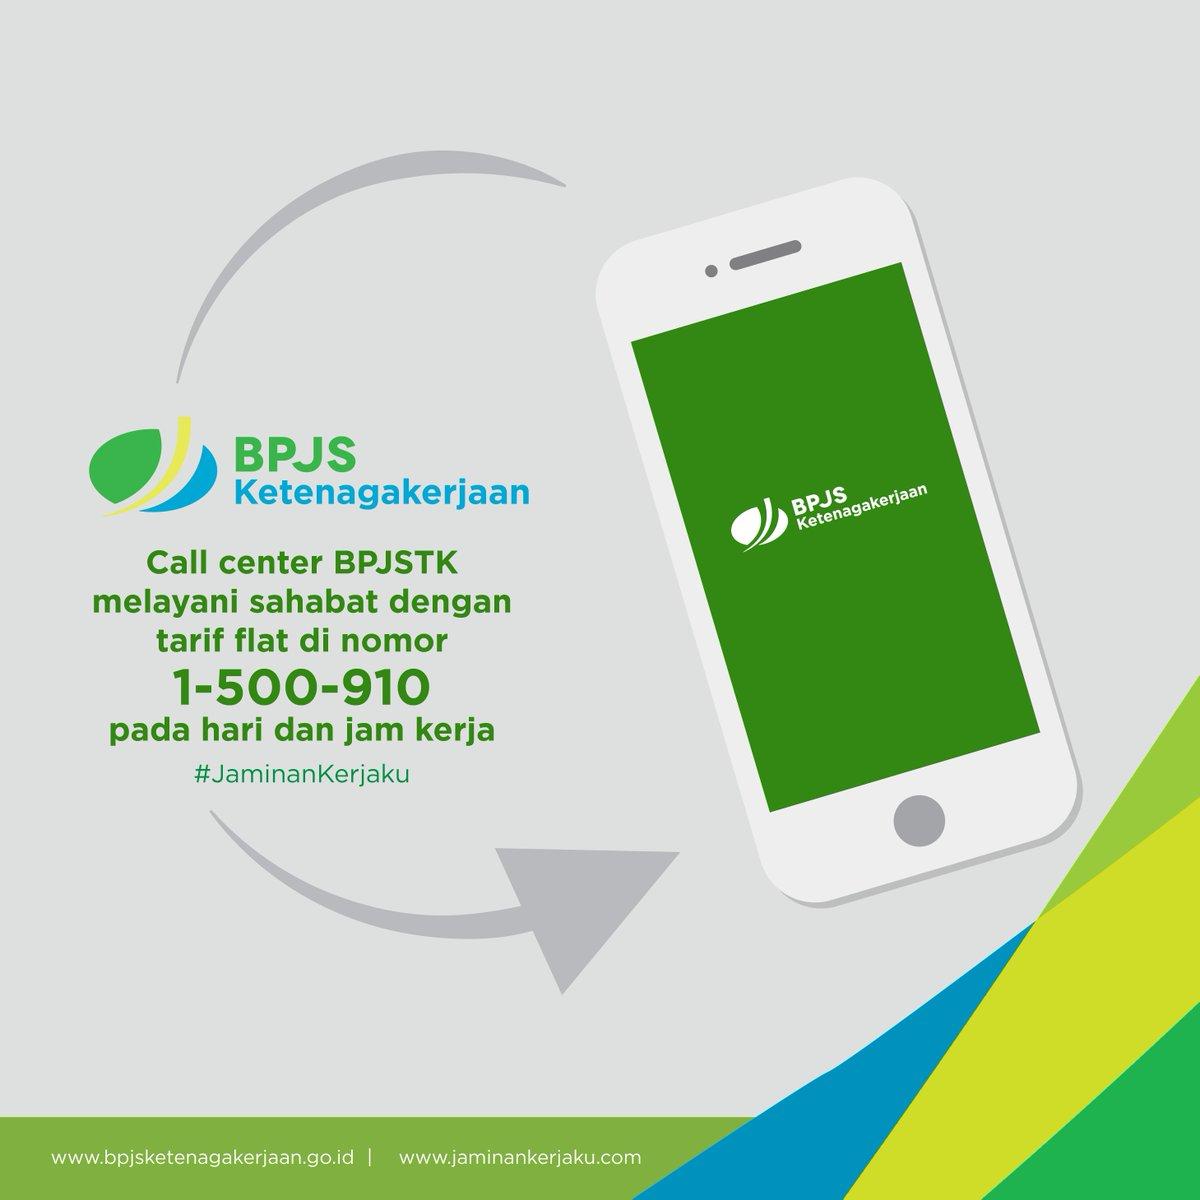 Bpjs Ketenagakerjaan On Twitter Call Center Bpjstk Melayani Sahabat Dengan Tarif Flat Di Nomor 1 500 910 Pada Hari Dan Jam Kerja